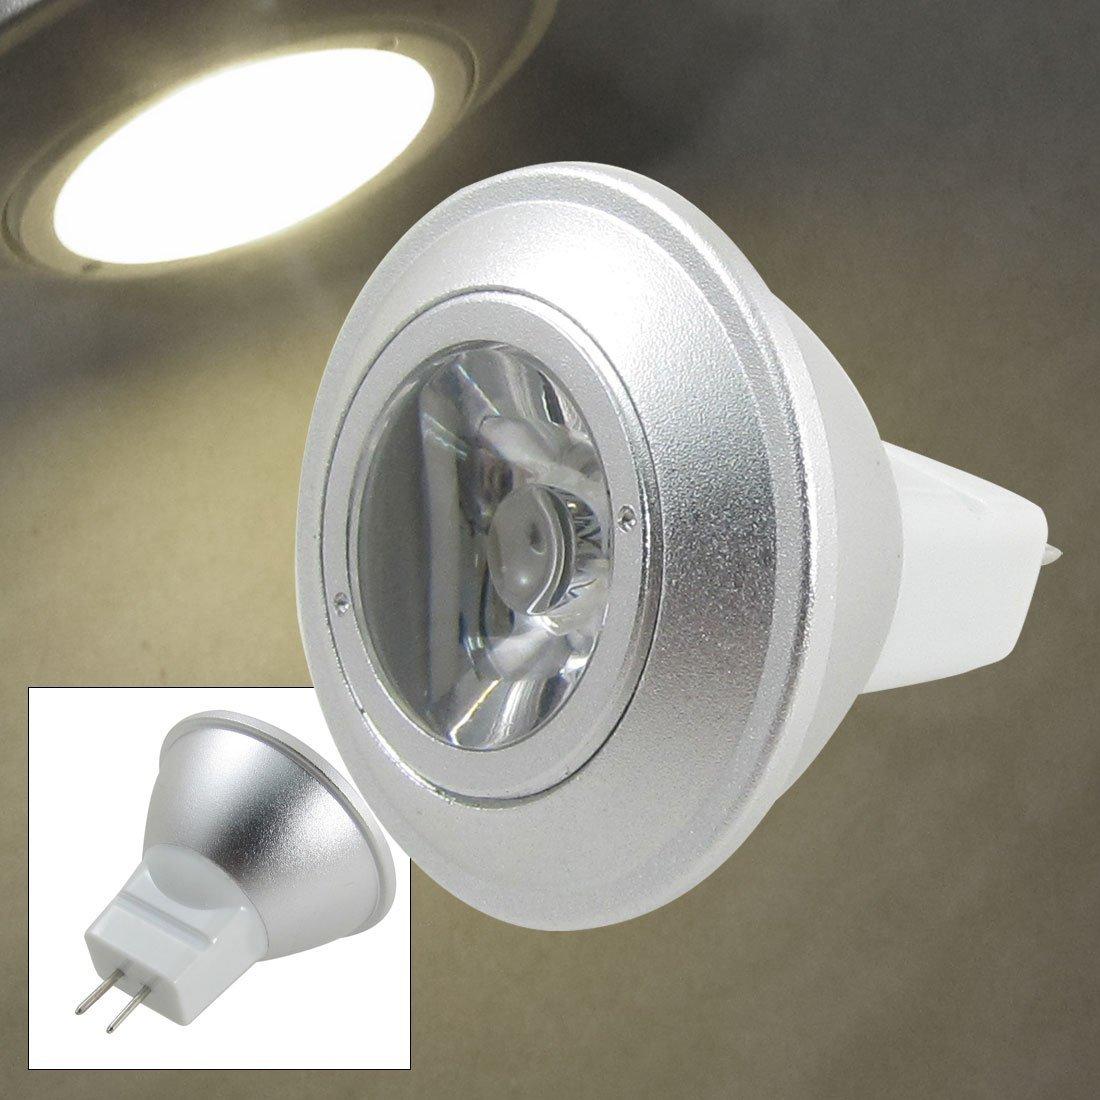 Base de Tornillo MR11 luz blanca cálida 3000K eDealMax 1W llevaron la lámpara - - Amazon.com